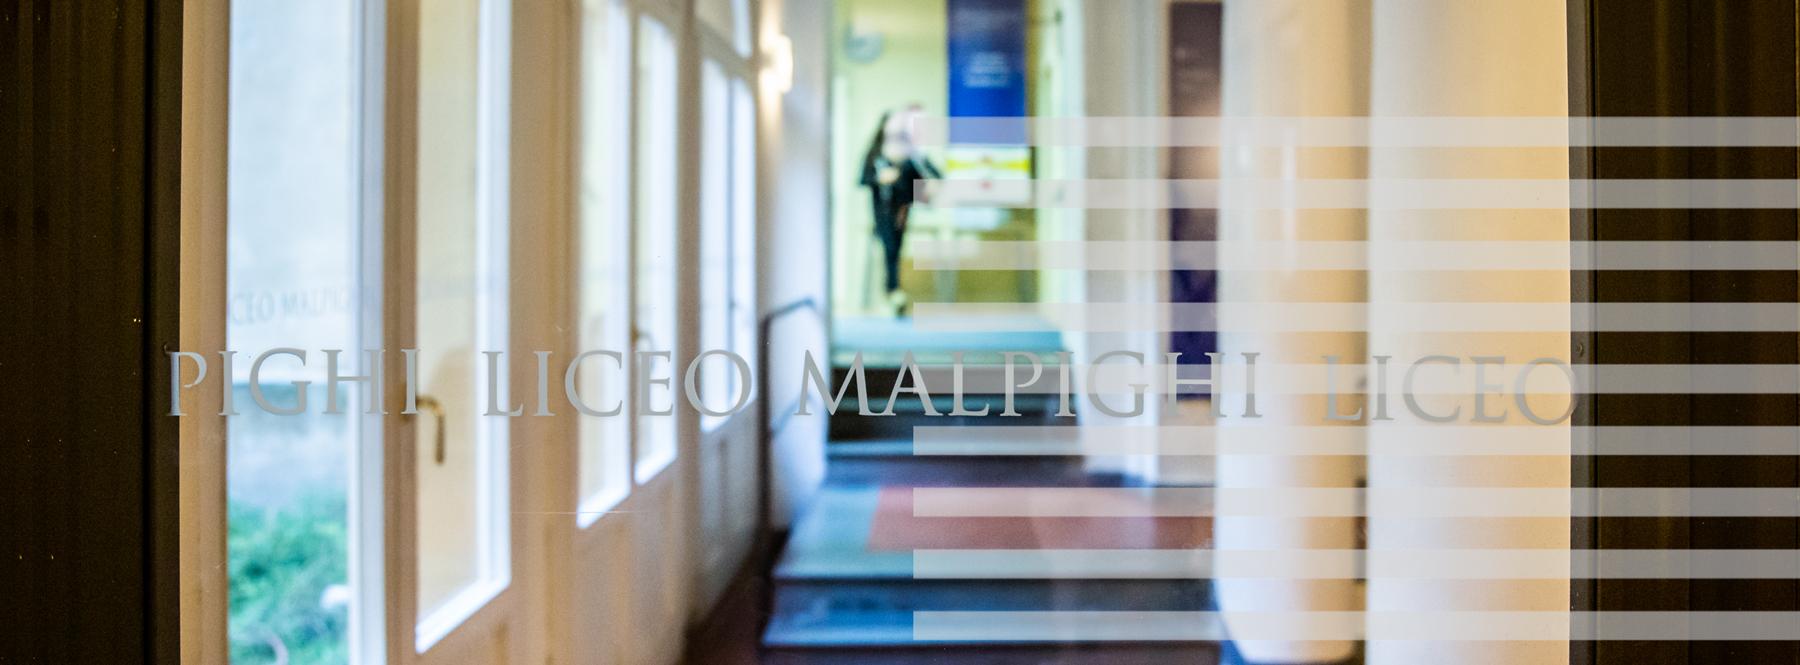 Liceo Maòèighi il valore del liceo